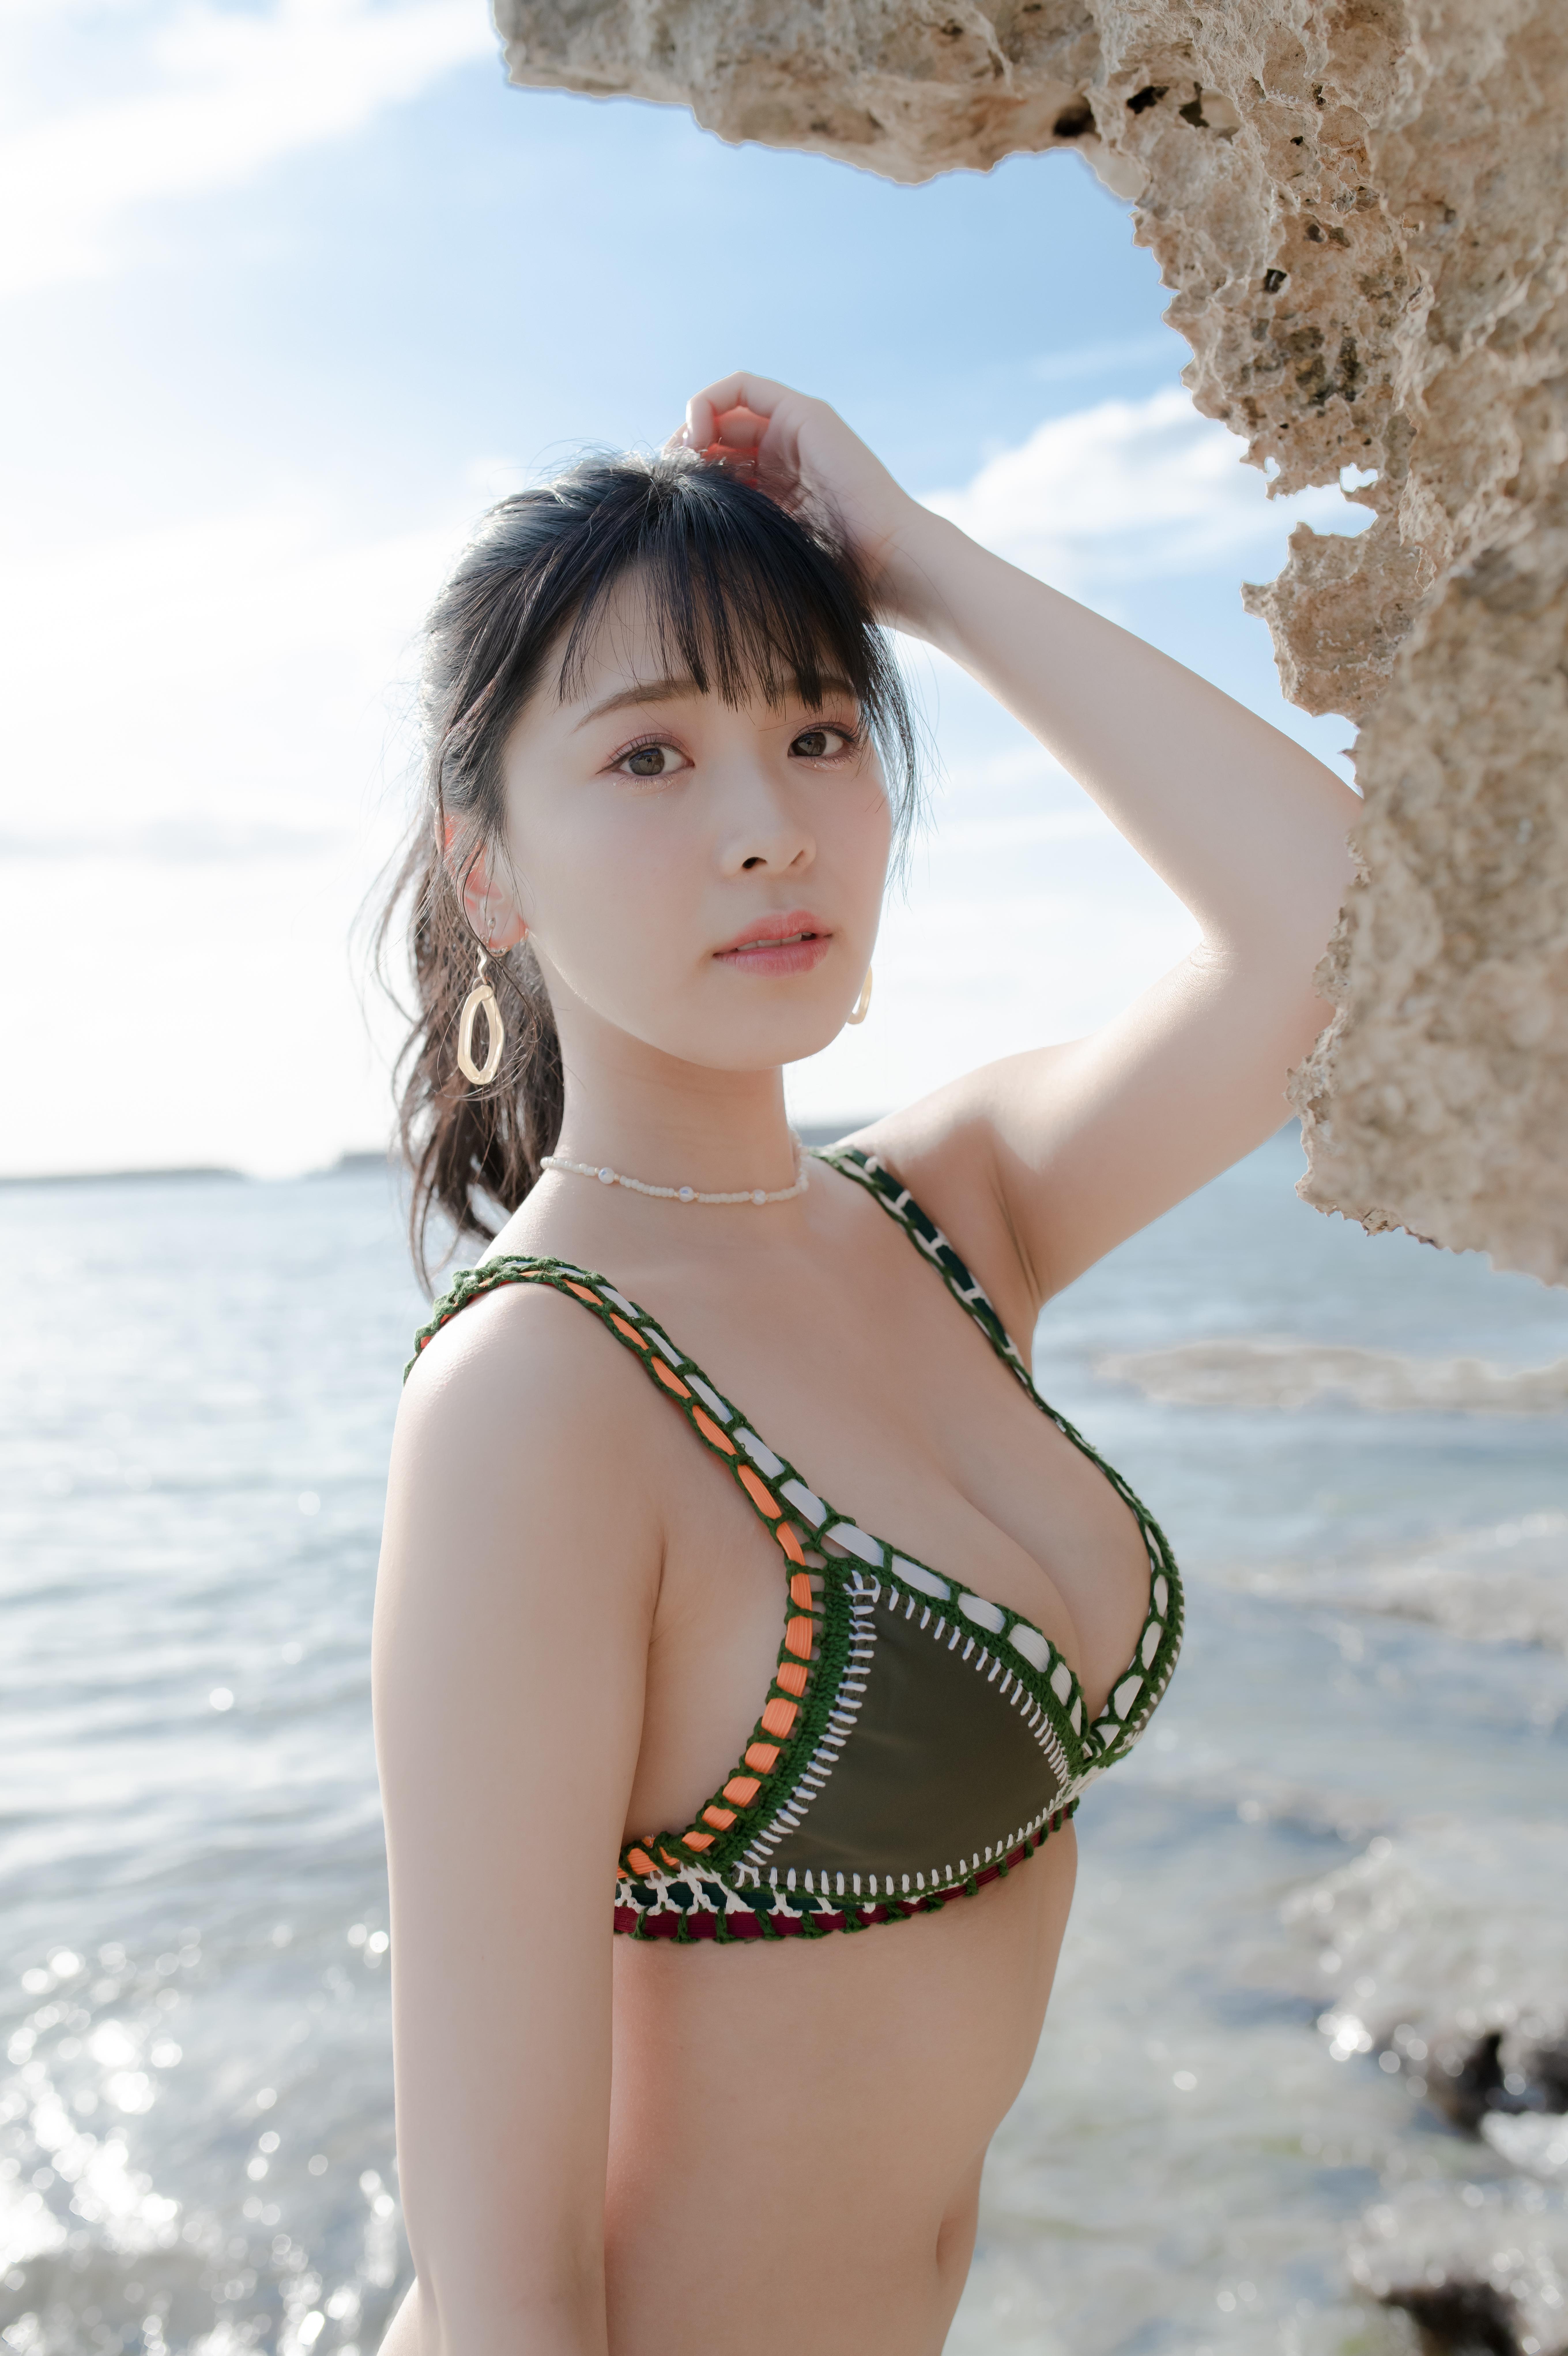 NMB48安田桃寧:無断アップロードおよび転送は一切禁止